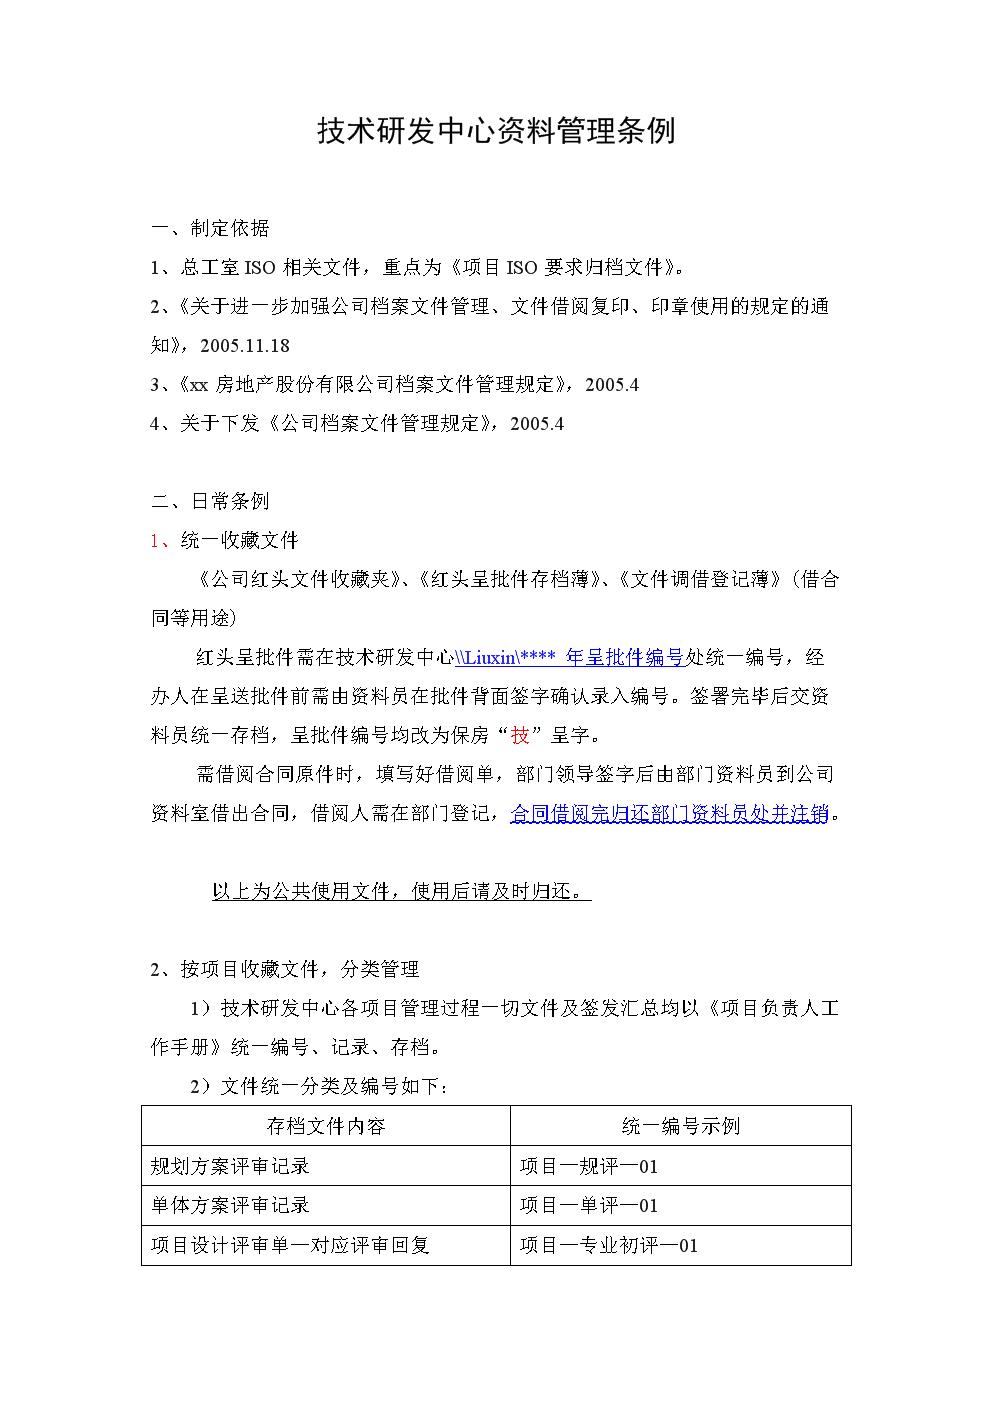 房地产公司技术研发中心资料管理条例.doc